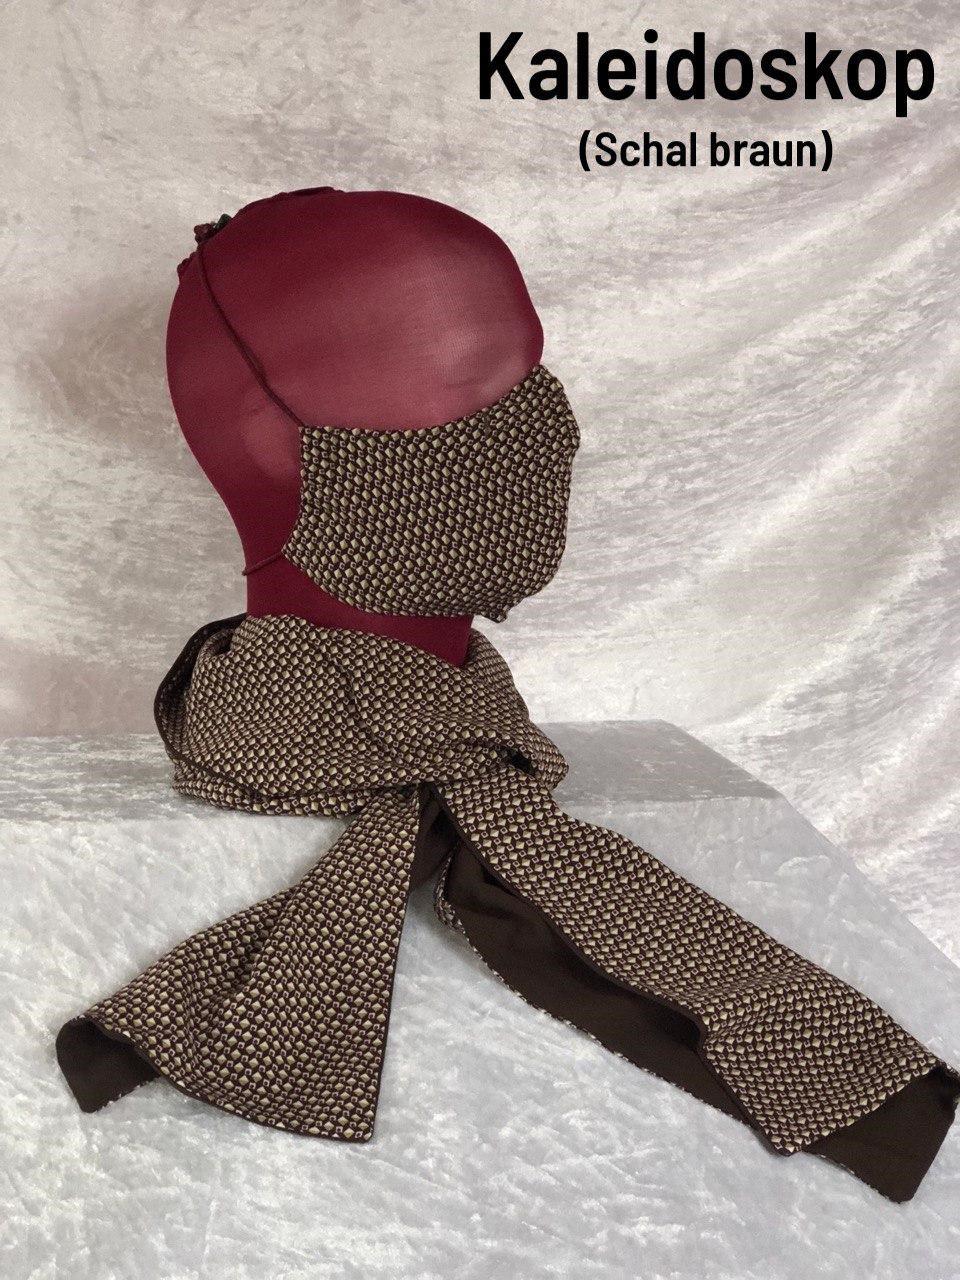 A3 - Maske + Schal braun